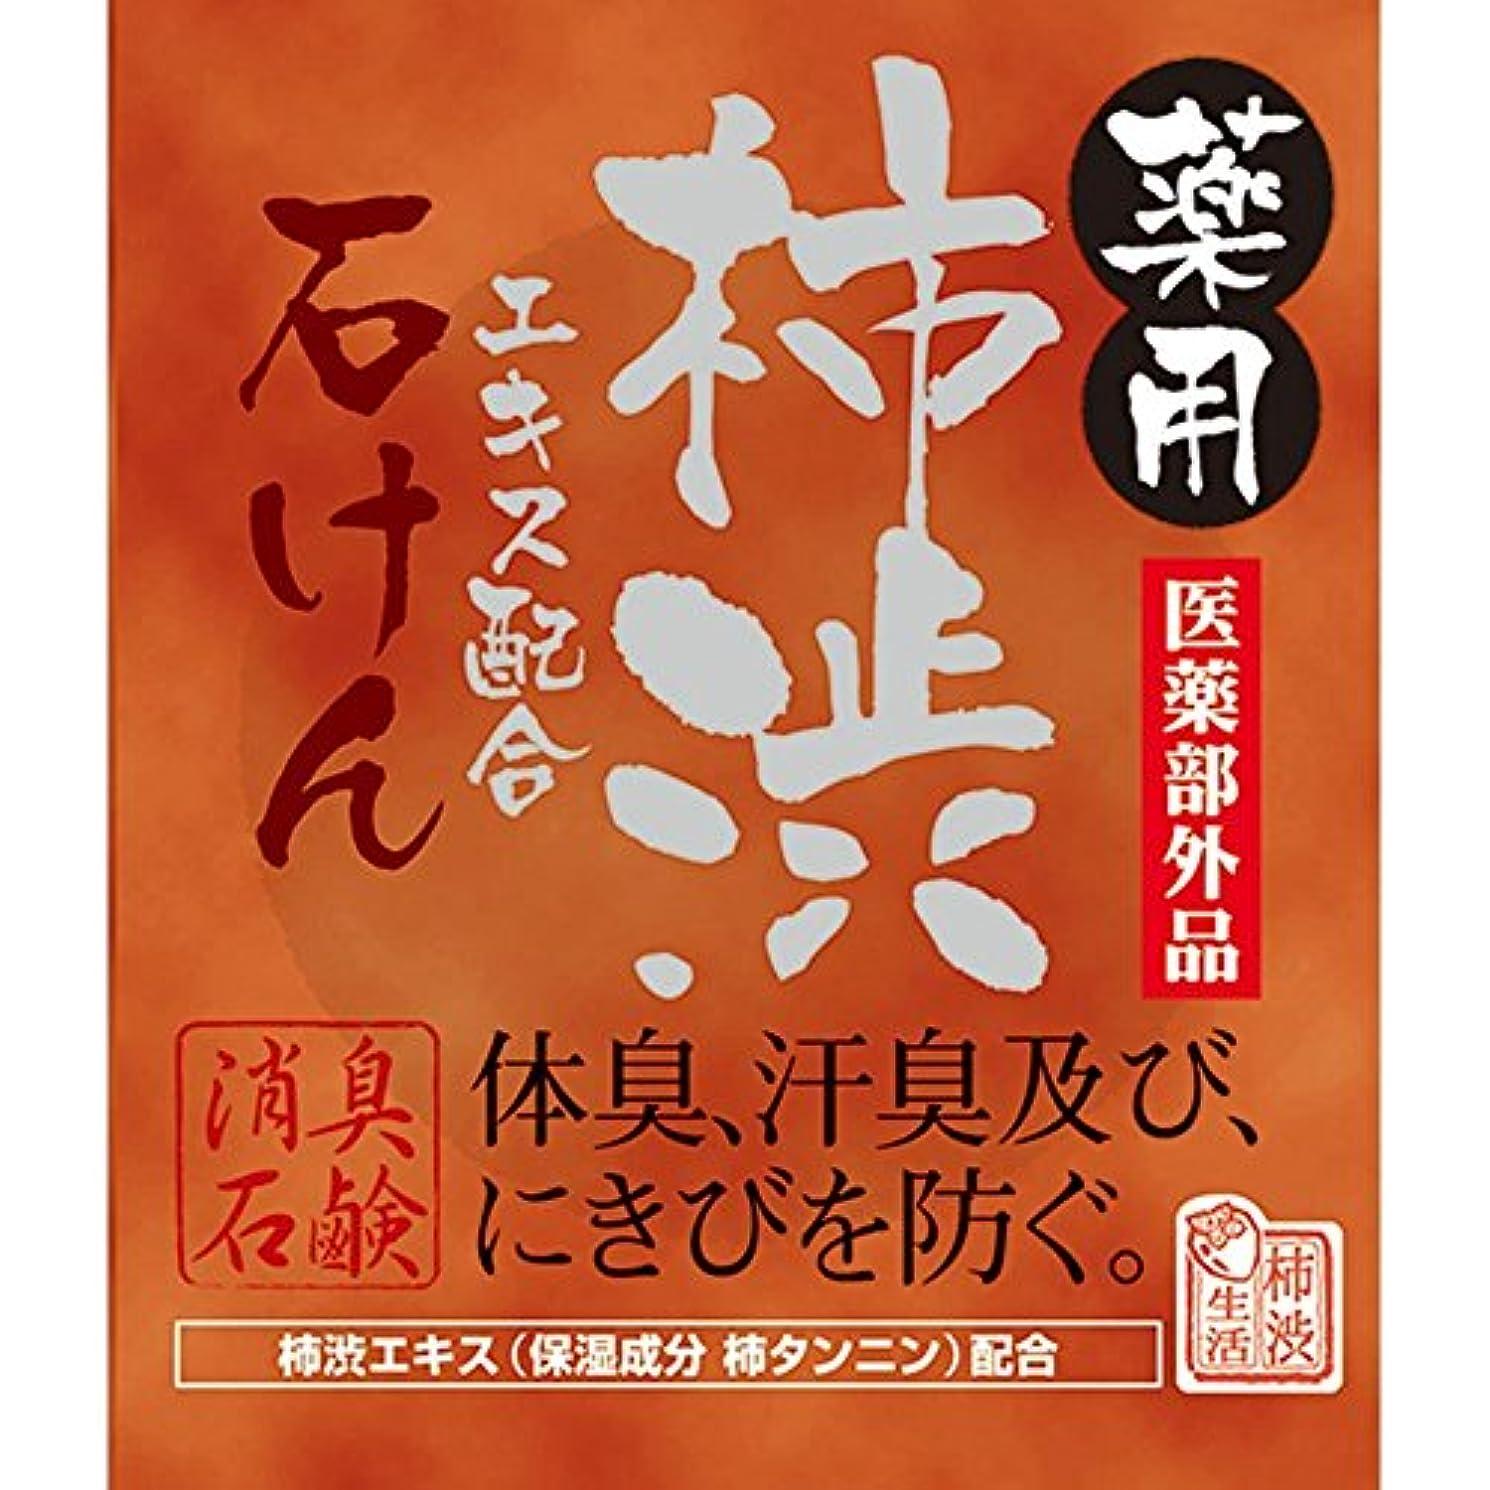 胃シャンプー薬用柿渋石けん 100g×2個